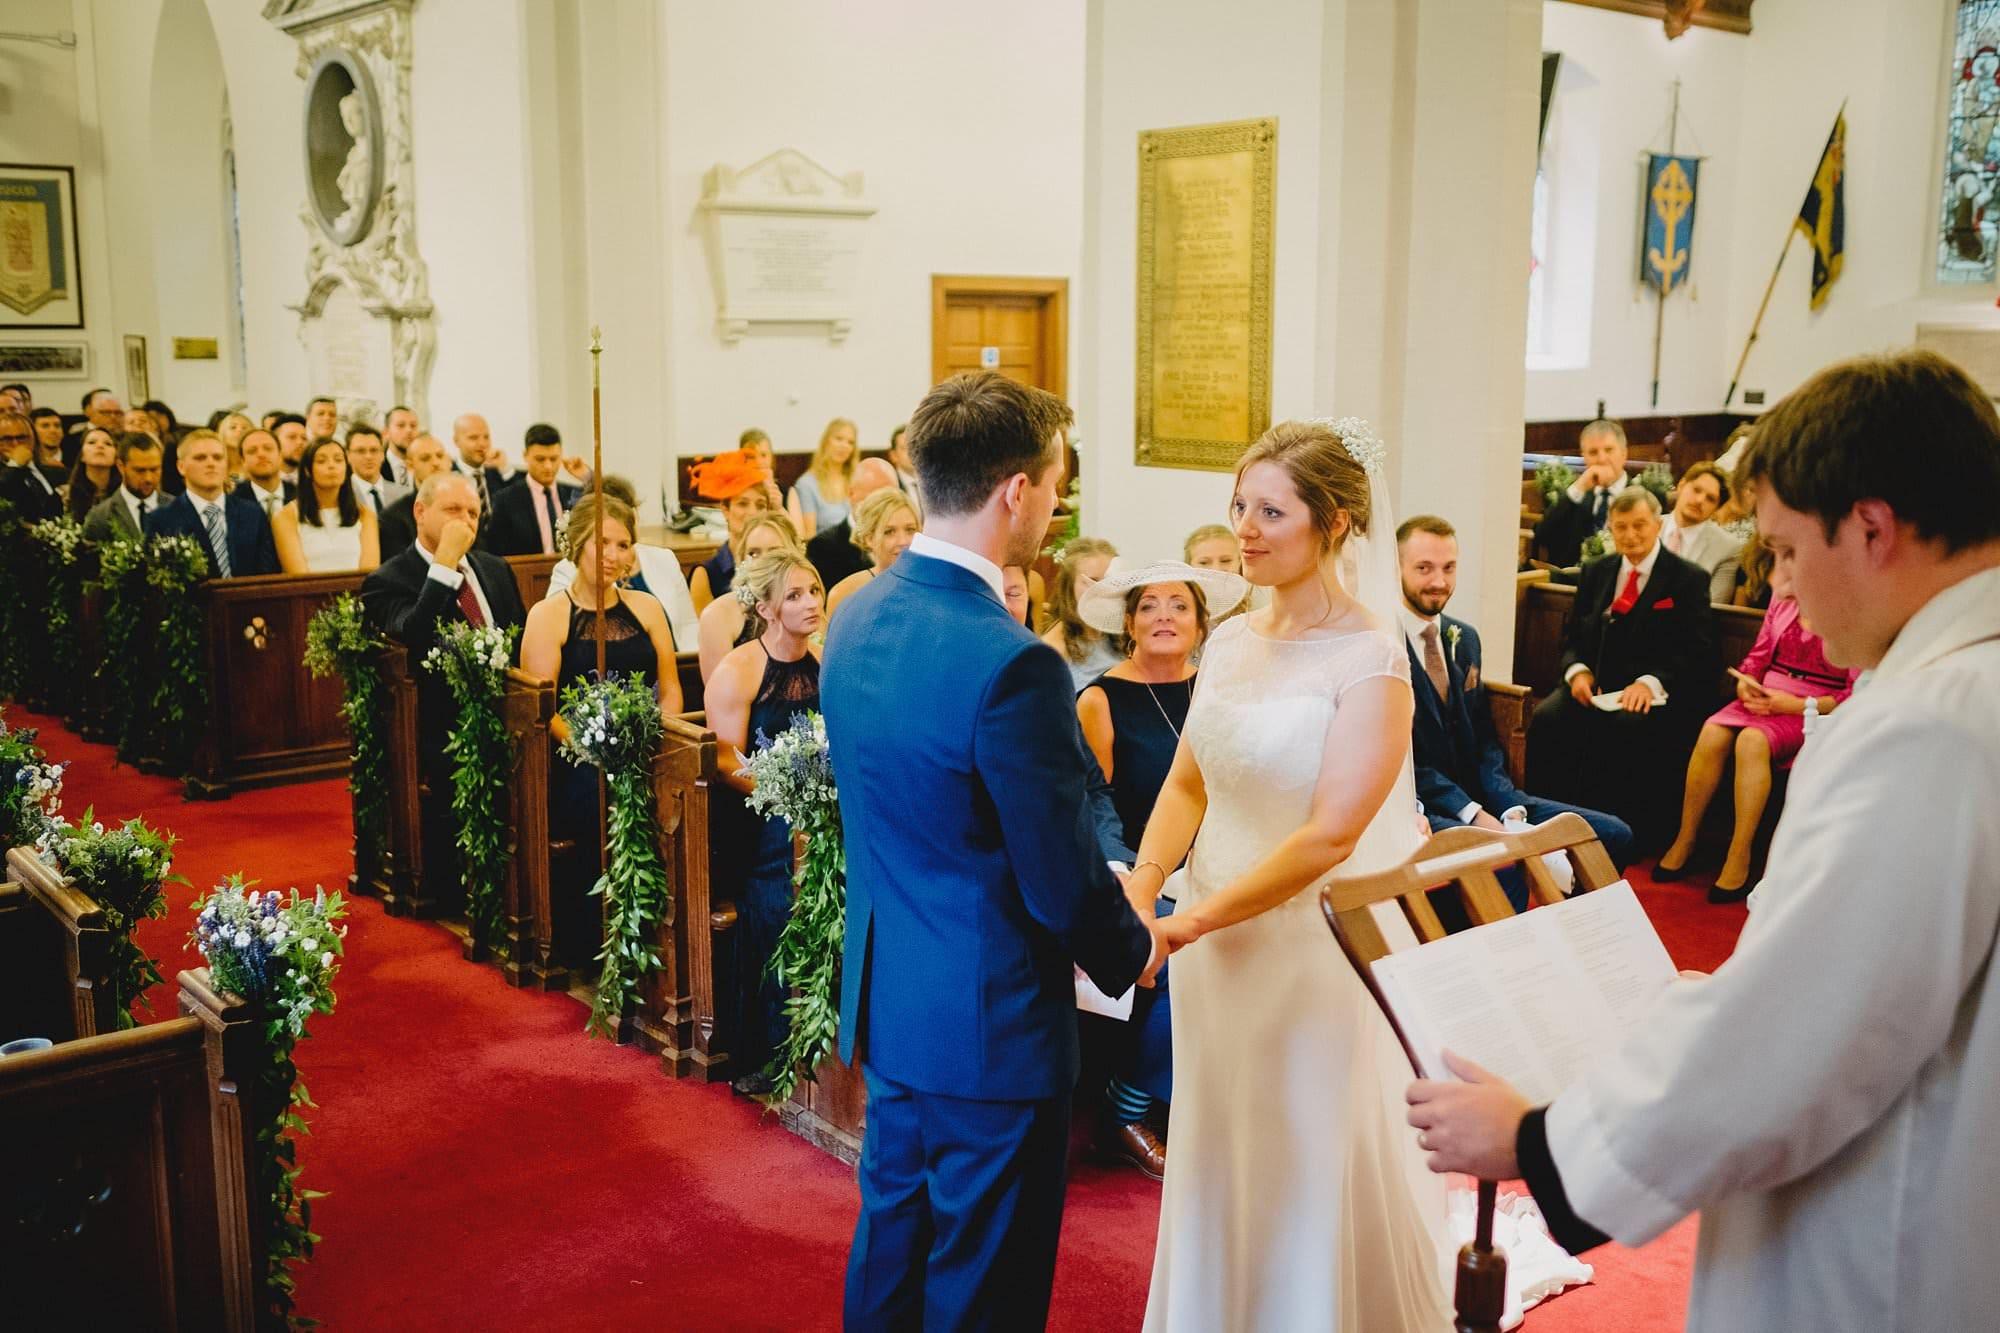 ashtead london wedding photographer 042 - Rachel & Jonny's Ashtead Wedding